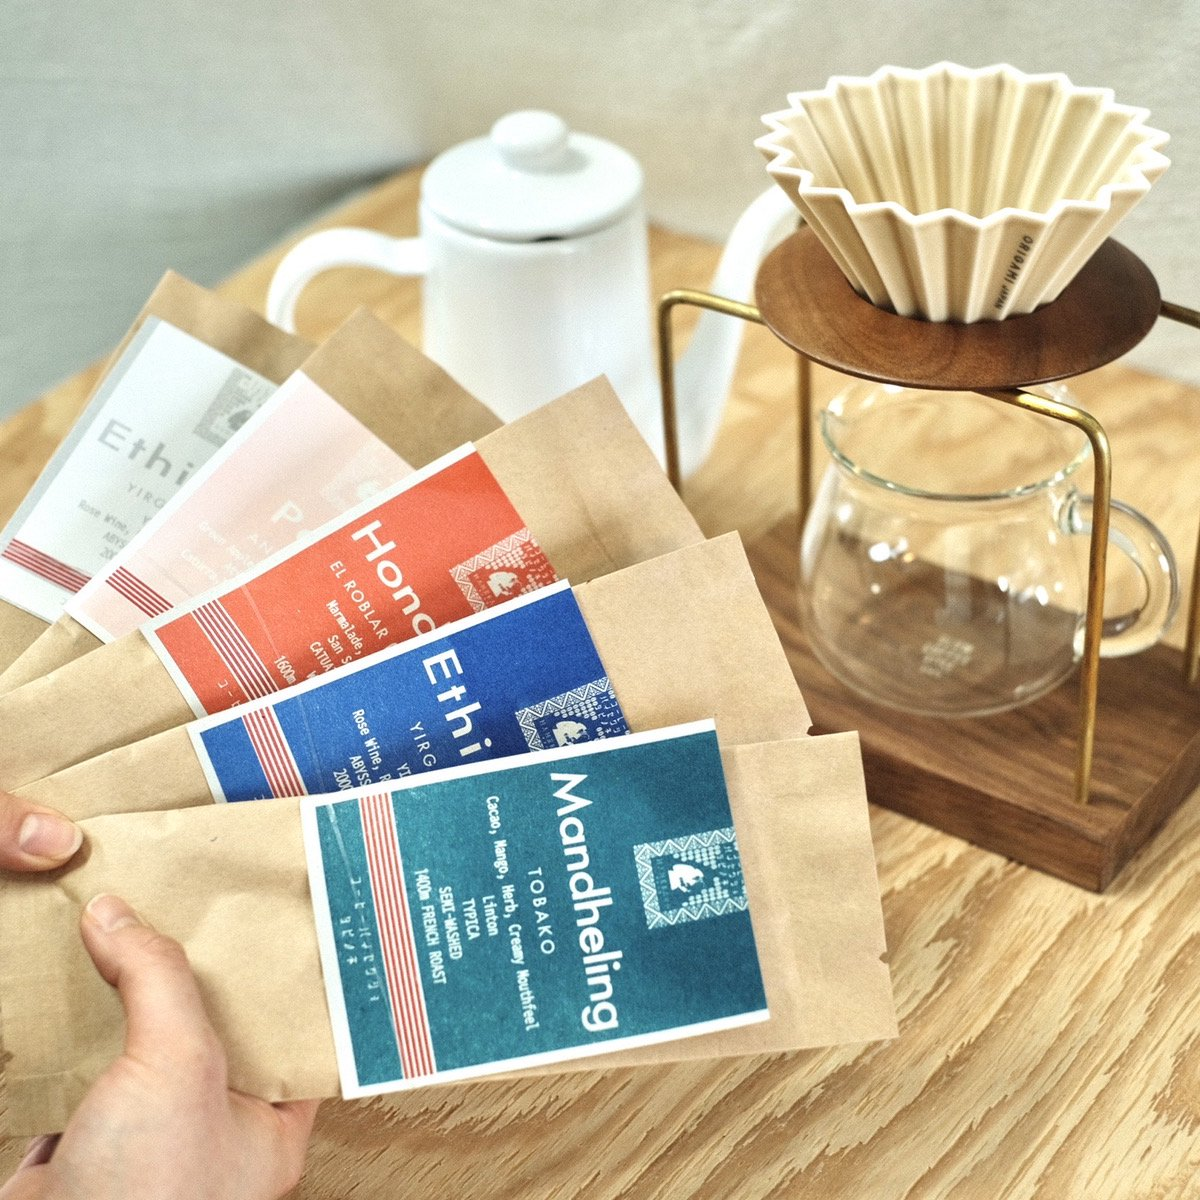 初めての皆さまへ、タビノネのコーヒーを    タビノネのコーヒー豆お試しセットが新しく登場しました!浅煎りから深煎りまで、タビノネで特に人気の5種を1つに。 初めてタビノネのコーヒーを飲む方、焙煎度合いや生産国ごとに味を飲み比べしてみたい方にお得な送料無料のおすすめのセットです。 各コーヒー豆の詳細を載せている豆カードや、淹れ方のレシピ帳も一緒にお届けいたします。    浅煎りから官能的な完熟ベリーのような香りを持つ「エチオピアイルガチェフェ」とオレンジのような華やかでクリーンな風味が際立つ「バリ パックスラマット」。 中煎りから深煎りには、スタッフ人気No.1の「ホンジュラスエルロブラルCOE」、ダントツ人気の「グアテマラ アルトメディナ農園」、深煎りでオレにもぴったりの「インドネシアマンデリン」をセットにしました。 お気に入りのコーヒー豆を見つけてみてください。    【スタッフからの一言】 焙煎度合いや生産地、淹れ方、飲み方、色々な選択肢があって、お気に入りのコーヒーを見つけるのってなかなか大変。 でもたくさんの選択肢があるからこそ、コーヒーって面白いんです。 コーヒーをこれから始める方、好みの豆が見つからない方、タビノネのコーヒーを試してみたい方、みなさまにおすすめです。淹れ方のレシピも同封いたしますので、ぜひ参考にされてくださいね!    【商品について】 エチオピアイルガチェフェ 50g インドネシアバリパックスラマット 50g ホンジュラスエルロブラル 50g グアテマラアルトメディナ 50g インドネシアマンデリントバコ 50g  【おすすめの淹れ方ワンポイント】 浅煎り豆:30秒蒸らし後、6~7投に分けて細く25cc〜35ccずつ注いでください。蒸らしをいれて1分45秒以内での抽出がオススメです。  深煎り豆:30秒蒸らし後、6~7投に分けて細く25cc〜35ccずつ注いでください。蒸らしをいれて1分50秒〜2分10秒での抽出がオススメです。  【豆量と湯量】  1杯分 15g 160cc 2杯分 21g 320cc  ※焙煎日は10日以内のものをお届けします。 粉を選ばれる方、挽き方にご指定ありましたら備考欄にお願いします。    【お届けについて】 「お試しセット」を単品でご注文のお客様はゆうパケット便でのお届けとなります。 他の商品と同時ご購入の際には、ゆうパック及びチルド便でのお届けとなりますのでご了承くださいませ。  ※配送日のご指定は不可となります。ご注文から6日以内にお届けとなります。ご不在時はご自宅のポストへ投函されます。